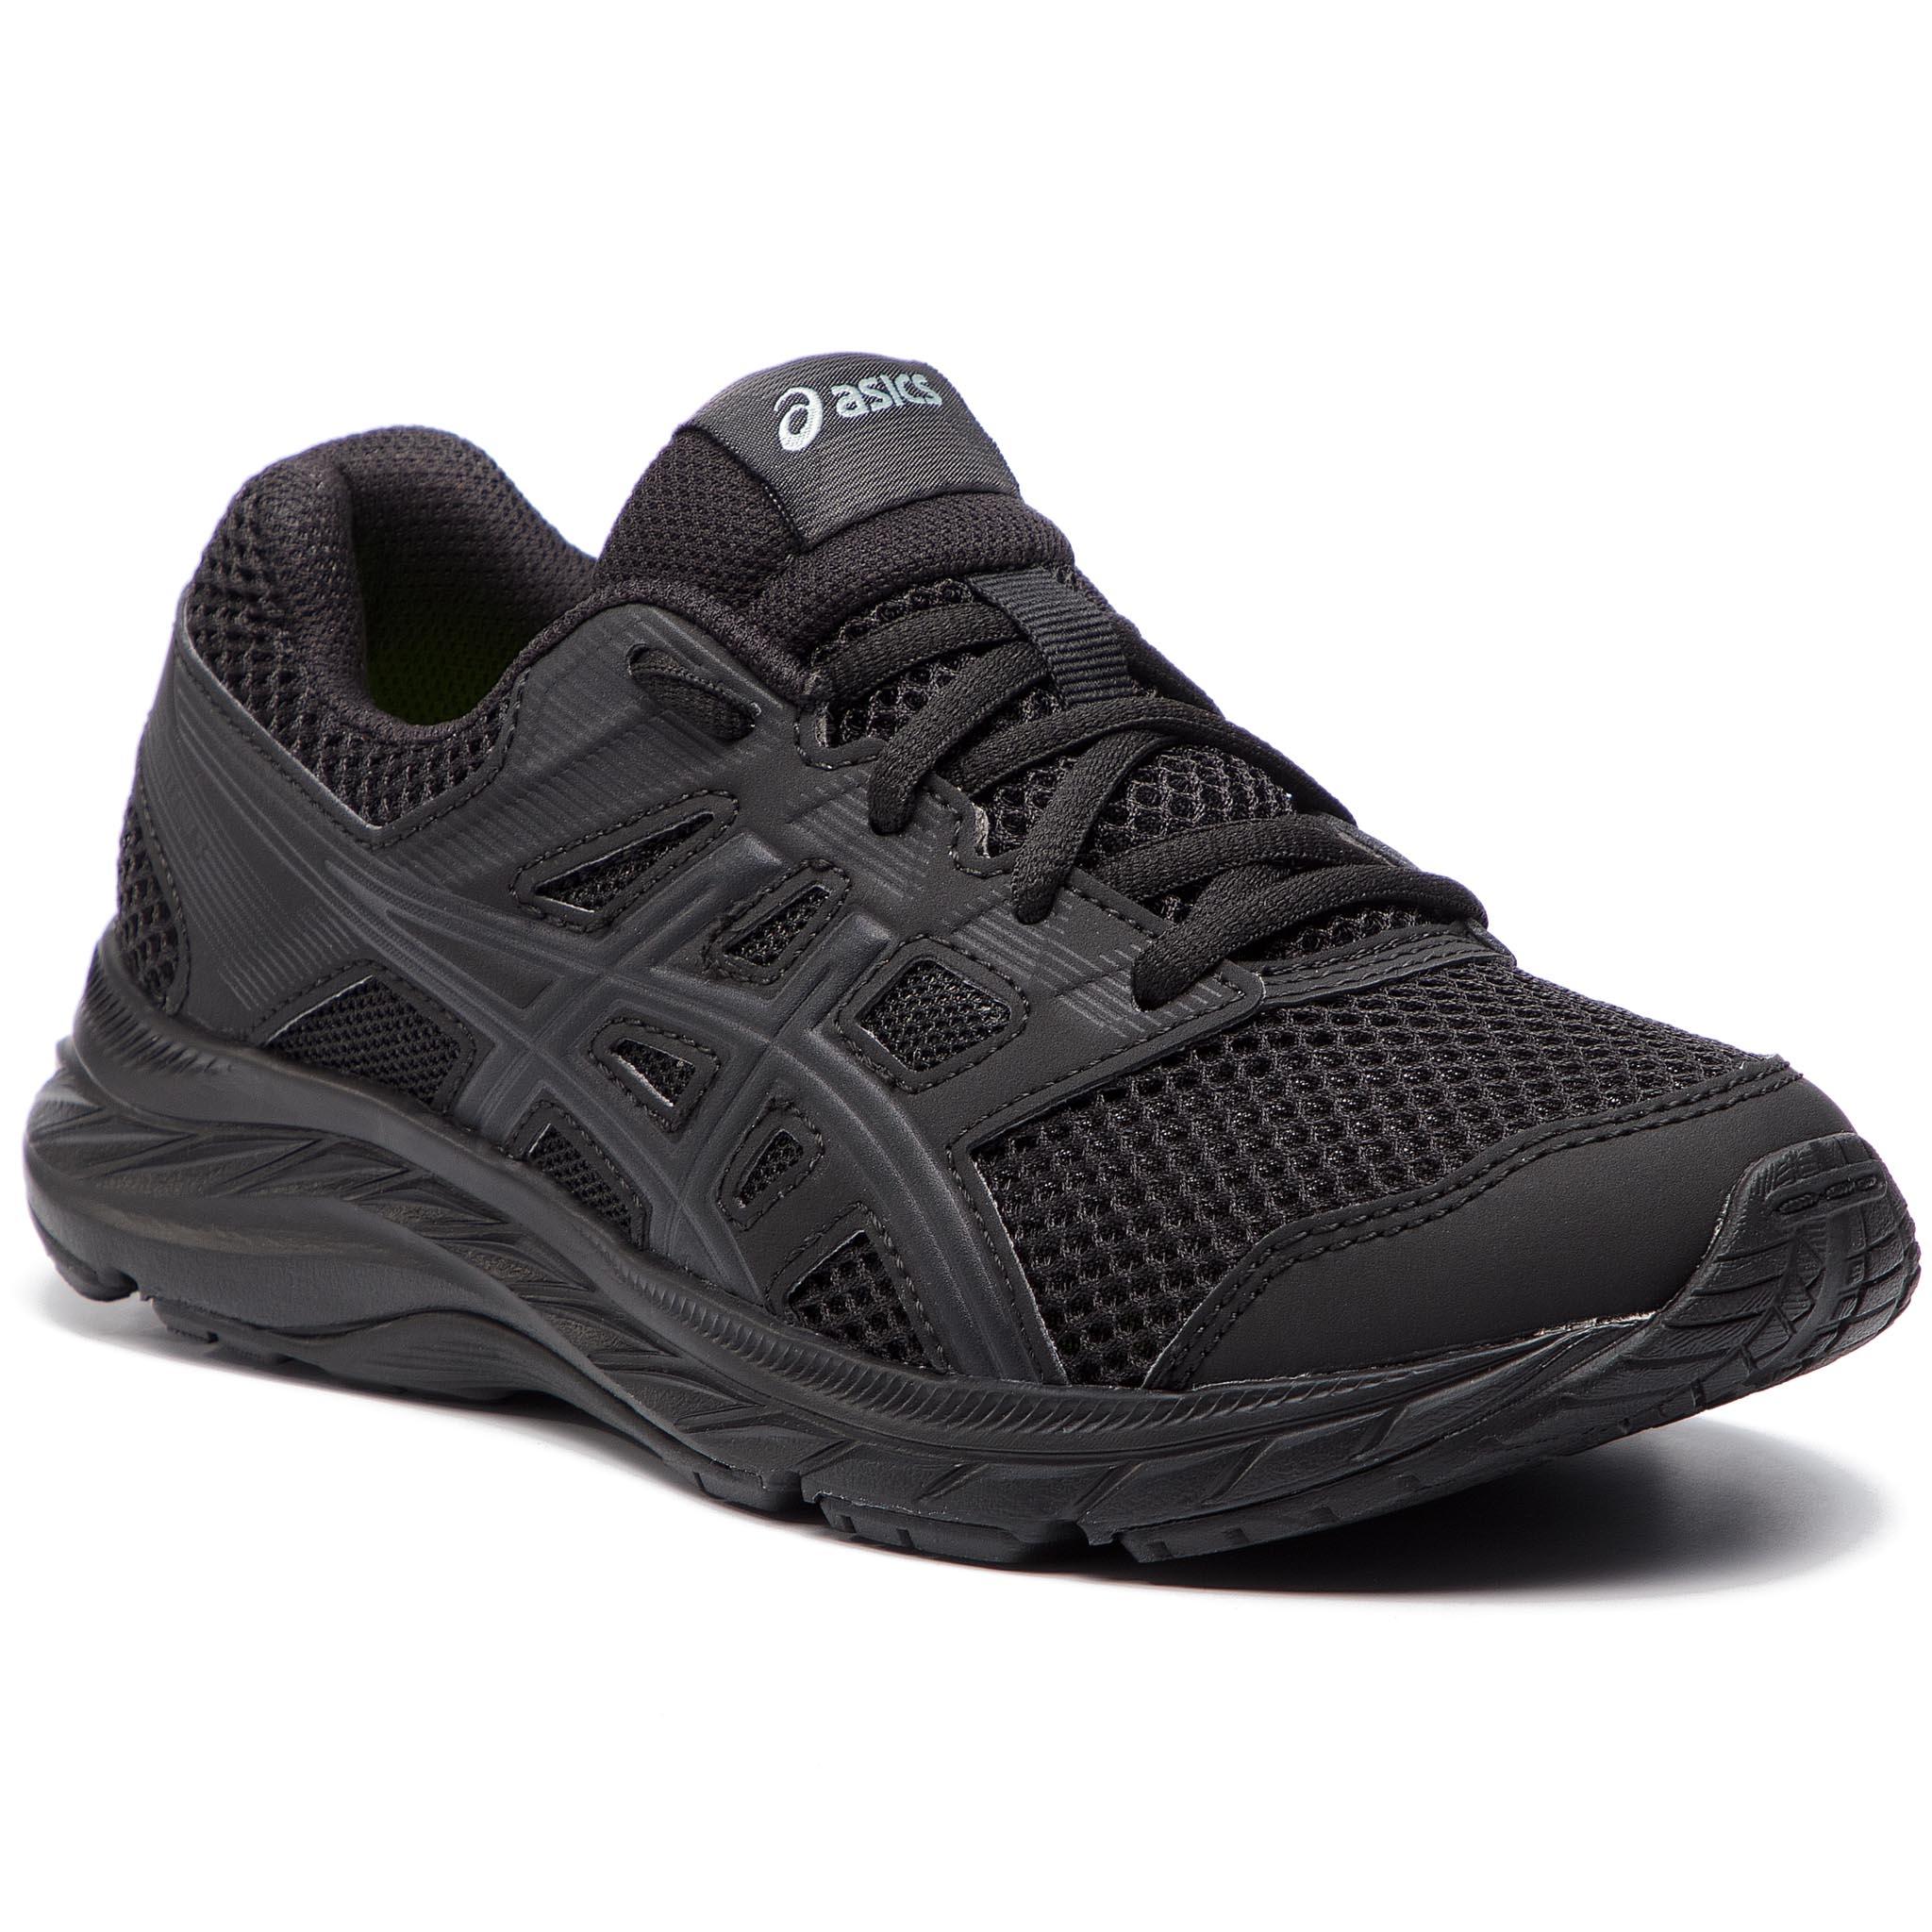 Cipő ASICS - Contend 5 Gs 1014A049 Black Black 020 - Glami.hu 994693e9ac